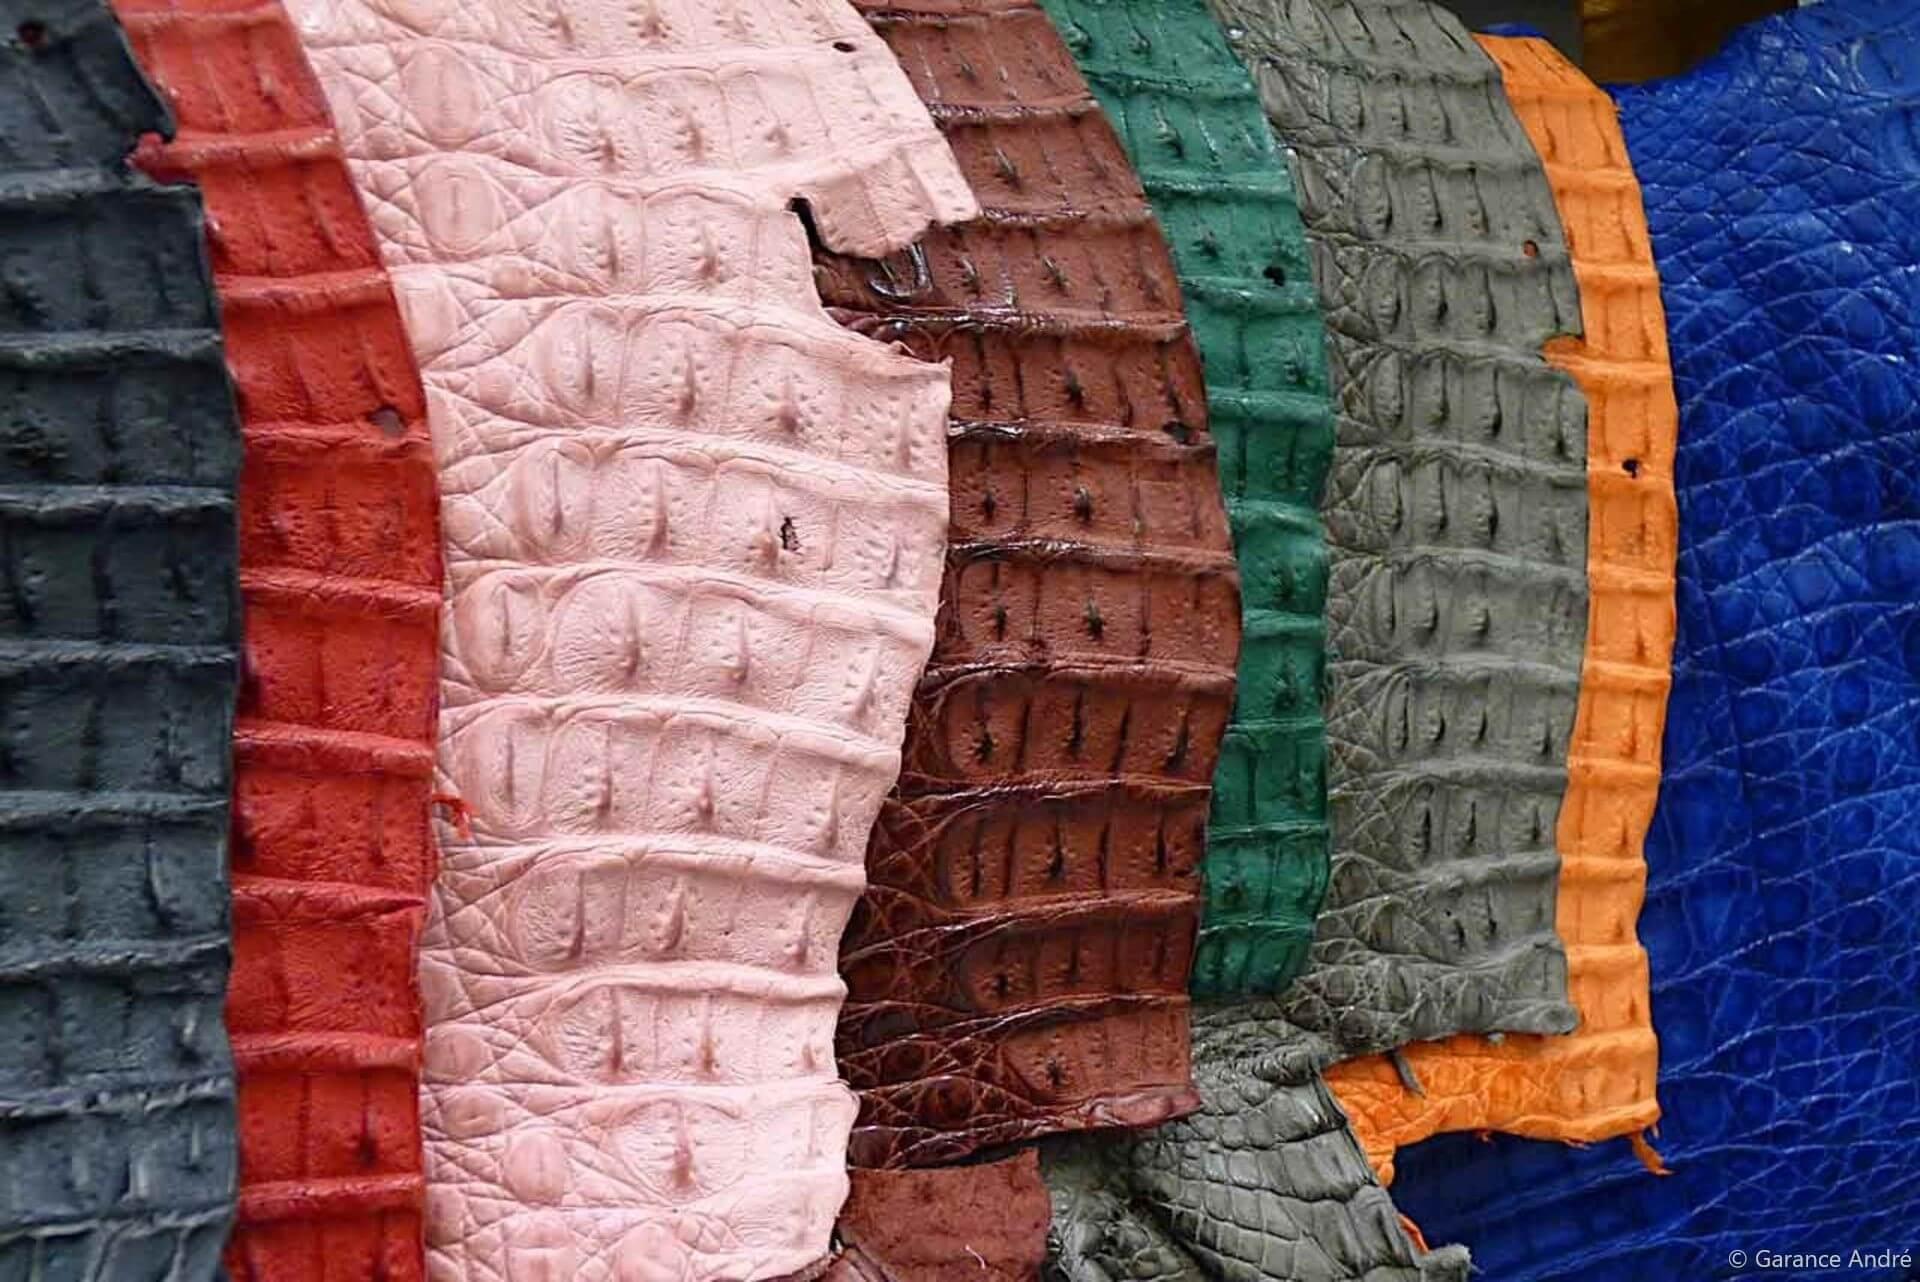 Les marques du groupe PUIG, dont fait parti Jean Paul Gaultier, renoncent à l'utilisation des peaux exotiques